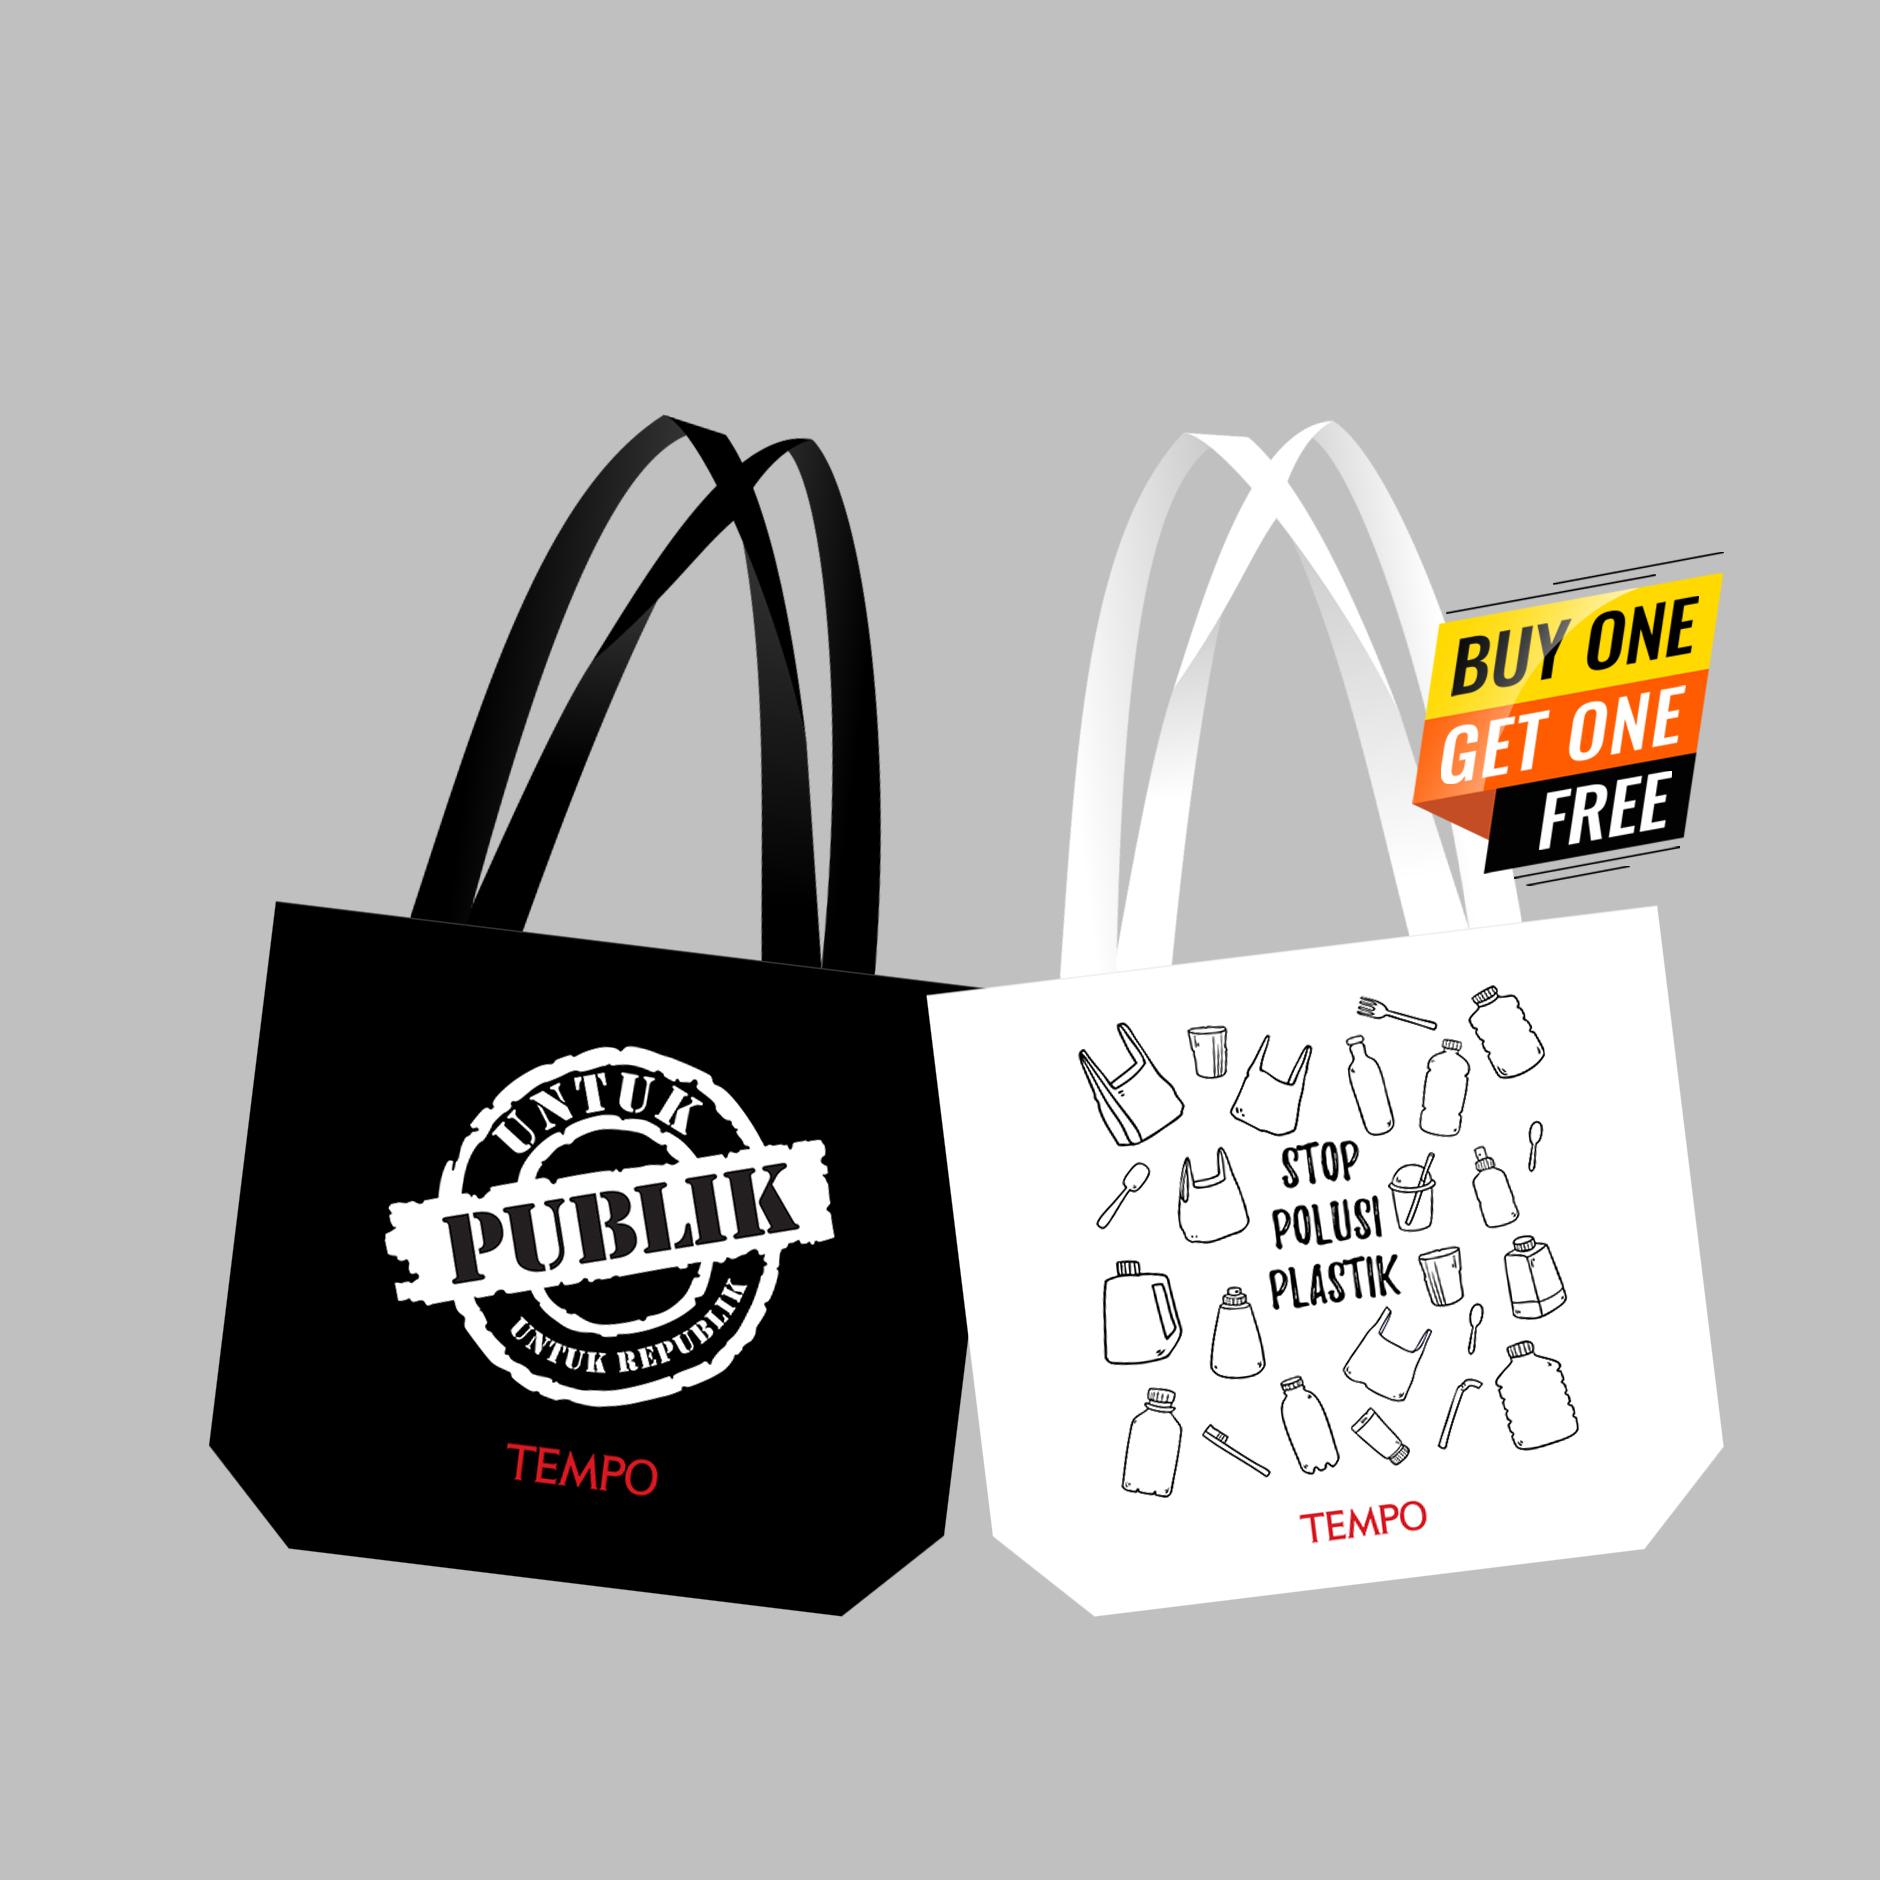 TOTE BAG STOP POLUSI PLASTIK (FREE TOTE BAG UNTUK PUBLIK UNTUK REPUBLIK)